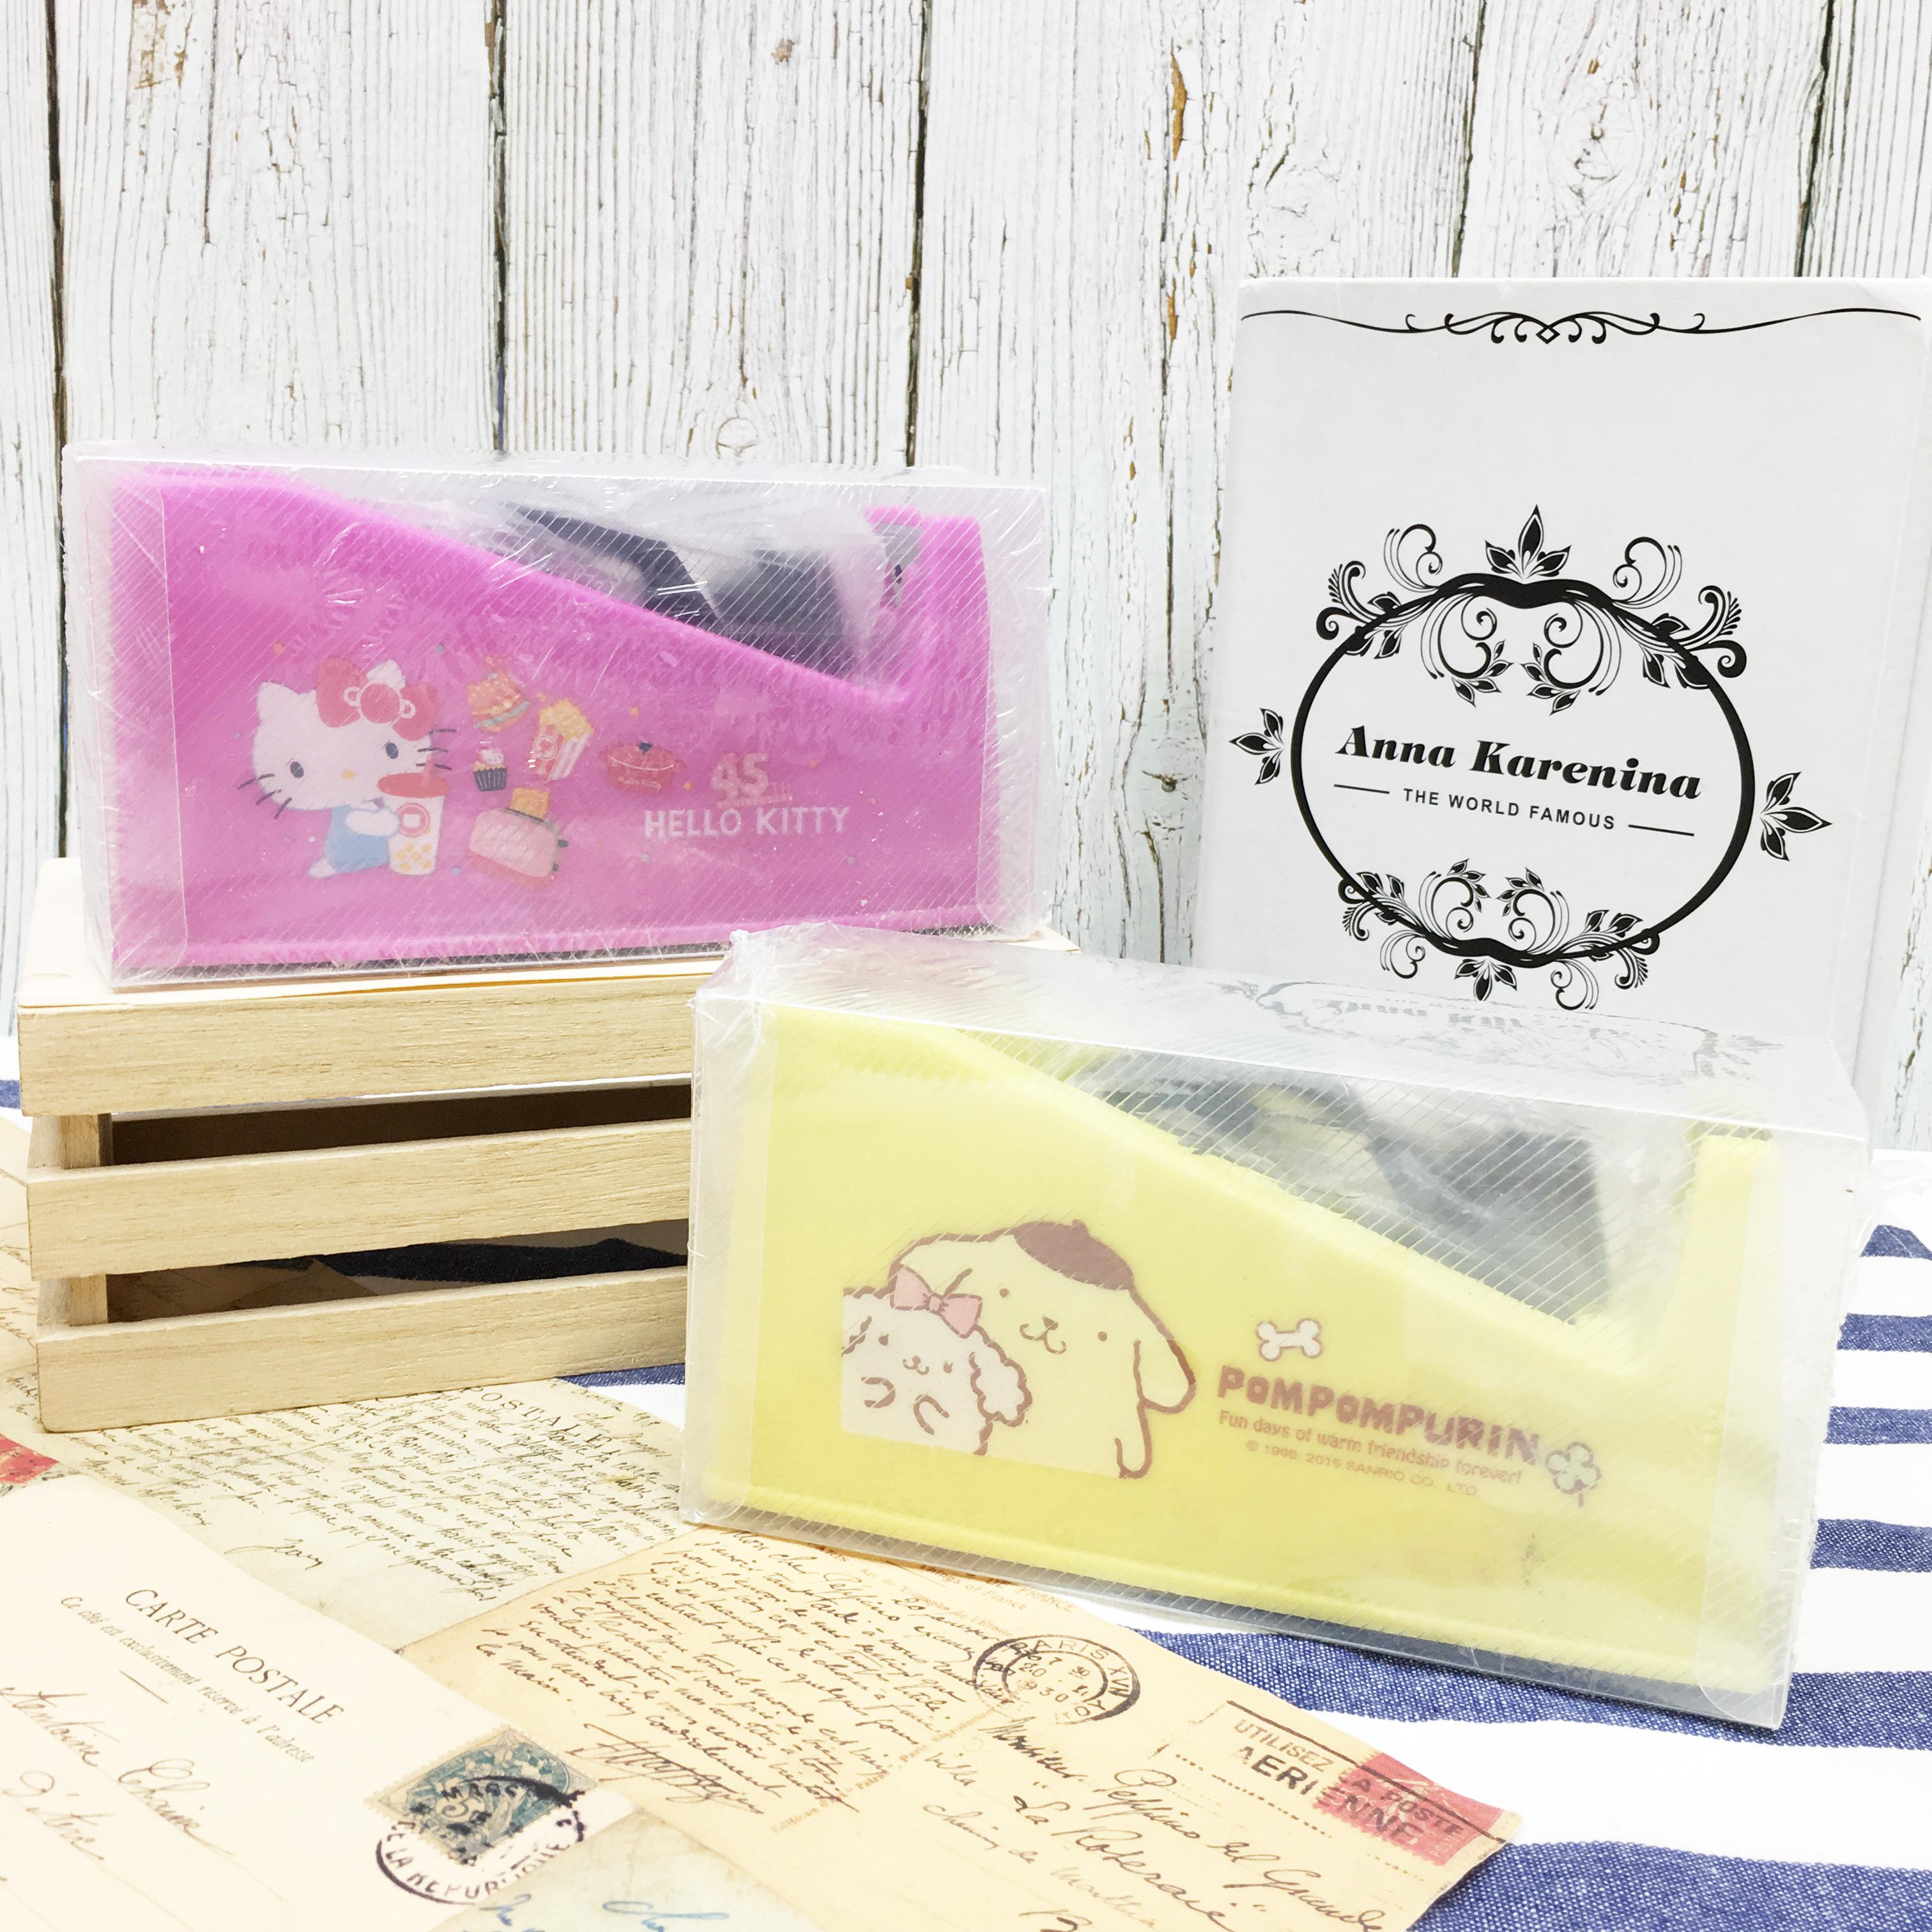 大膠台 三麗鷗 Hello Kitty 布丁狗 桌上型 兩款 正版授權